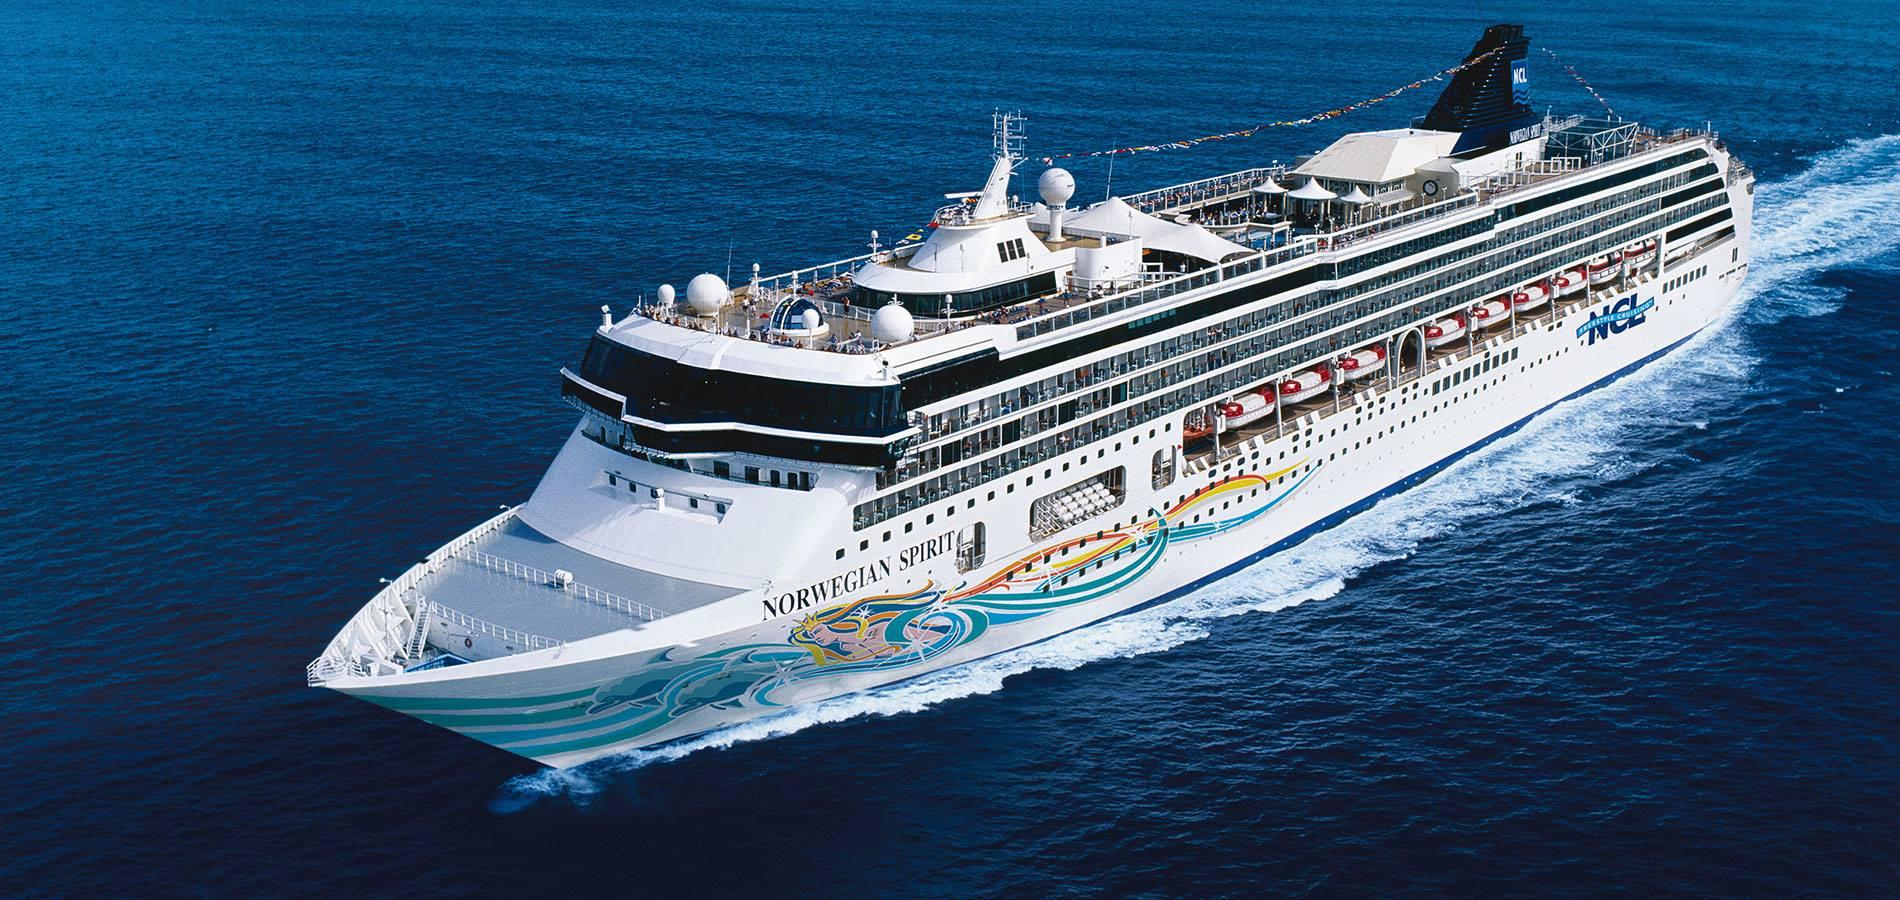 Norwegian Cruise Line har netop brugt 700 millioner kroner på en storstilet renovering af Norwegian Spirit, der med kort varsel er blevet omdirigeret til nu at have base gennem sommeren i det østlige middelhav. PR-foto: Norwegian Cruise Line.